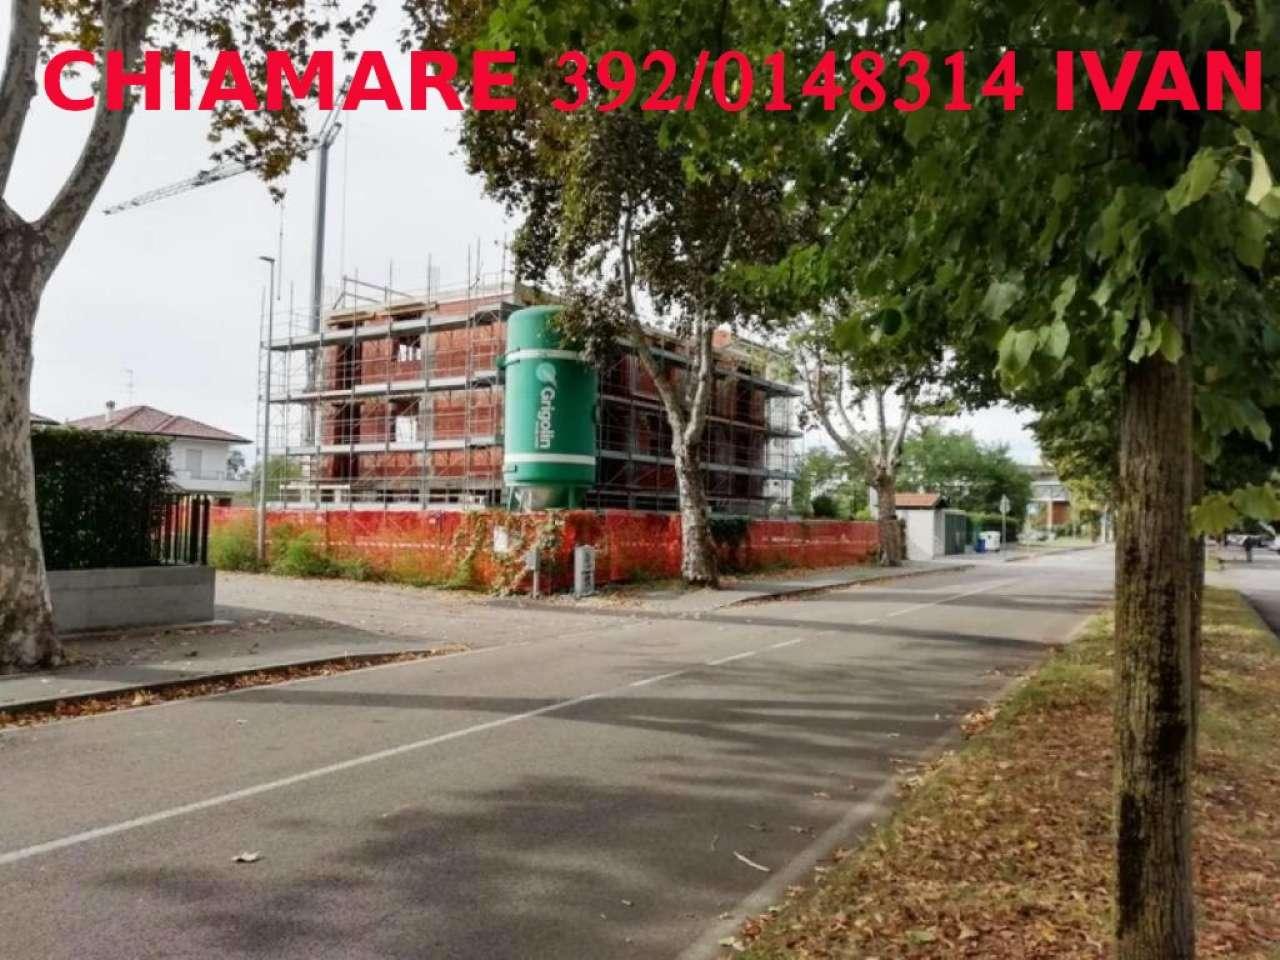 Appartamento in vendita a Cornaredo, 4 locali, prezzo € 480.000 | PortaleAgenzieImmobiliari.it